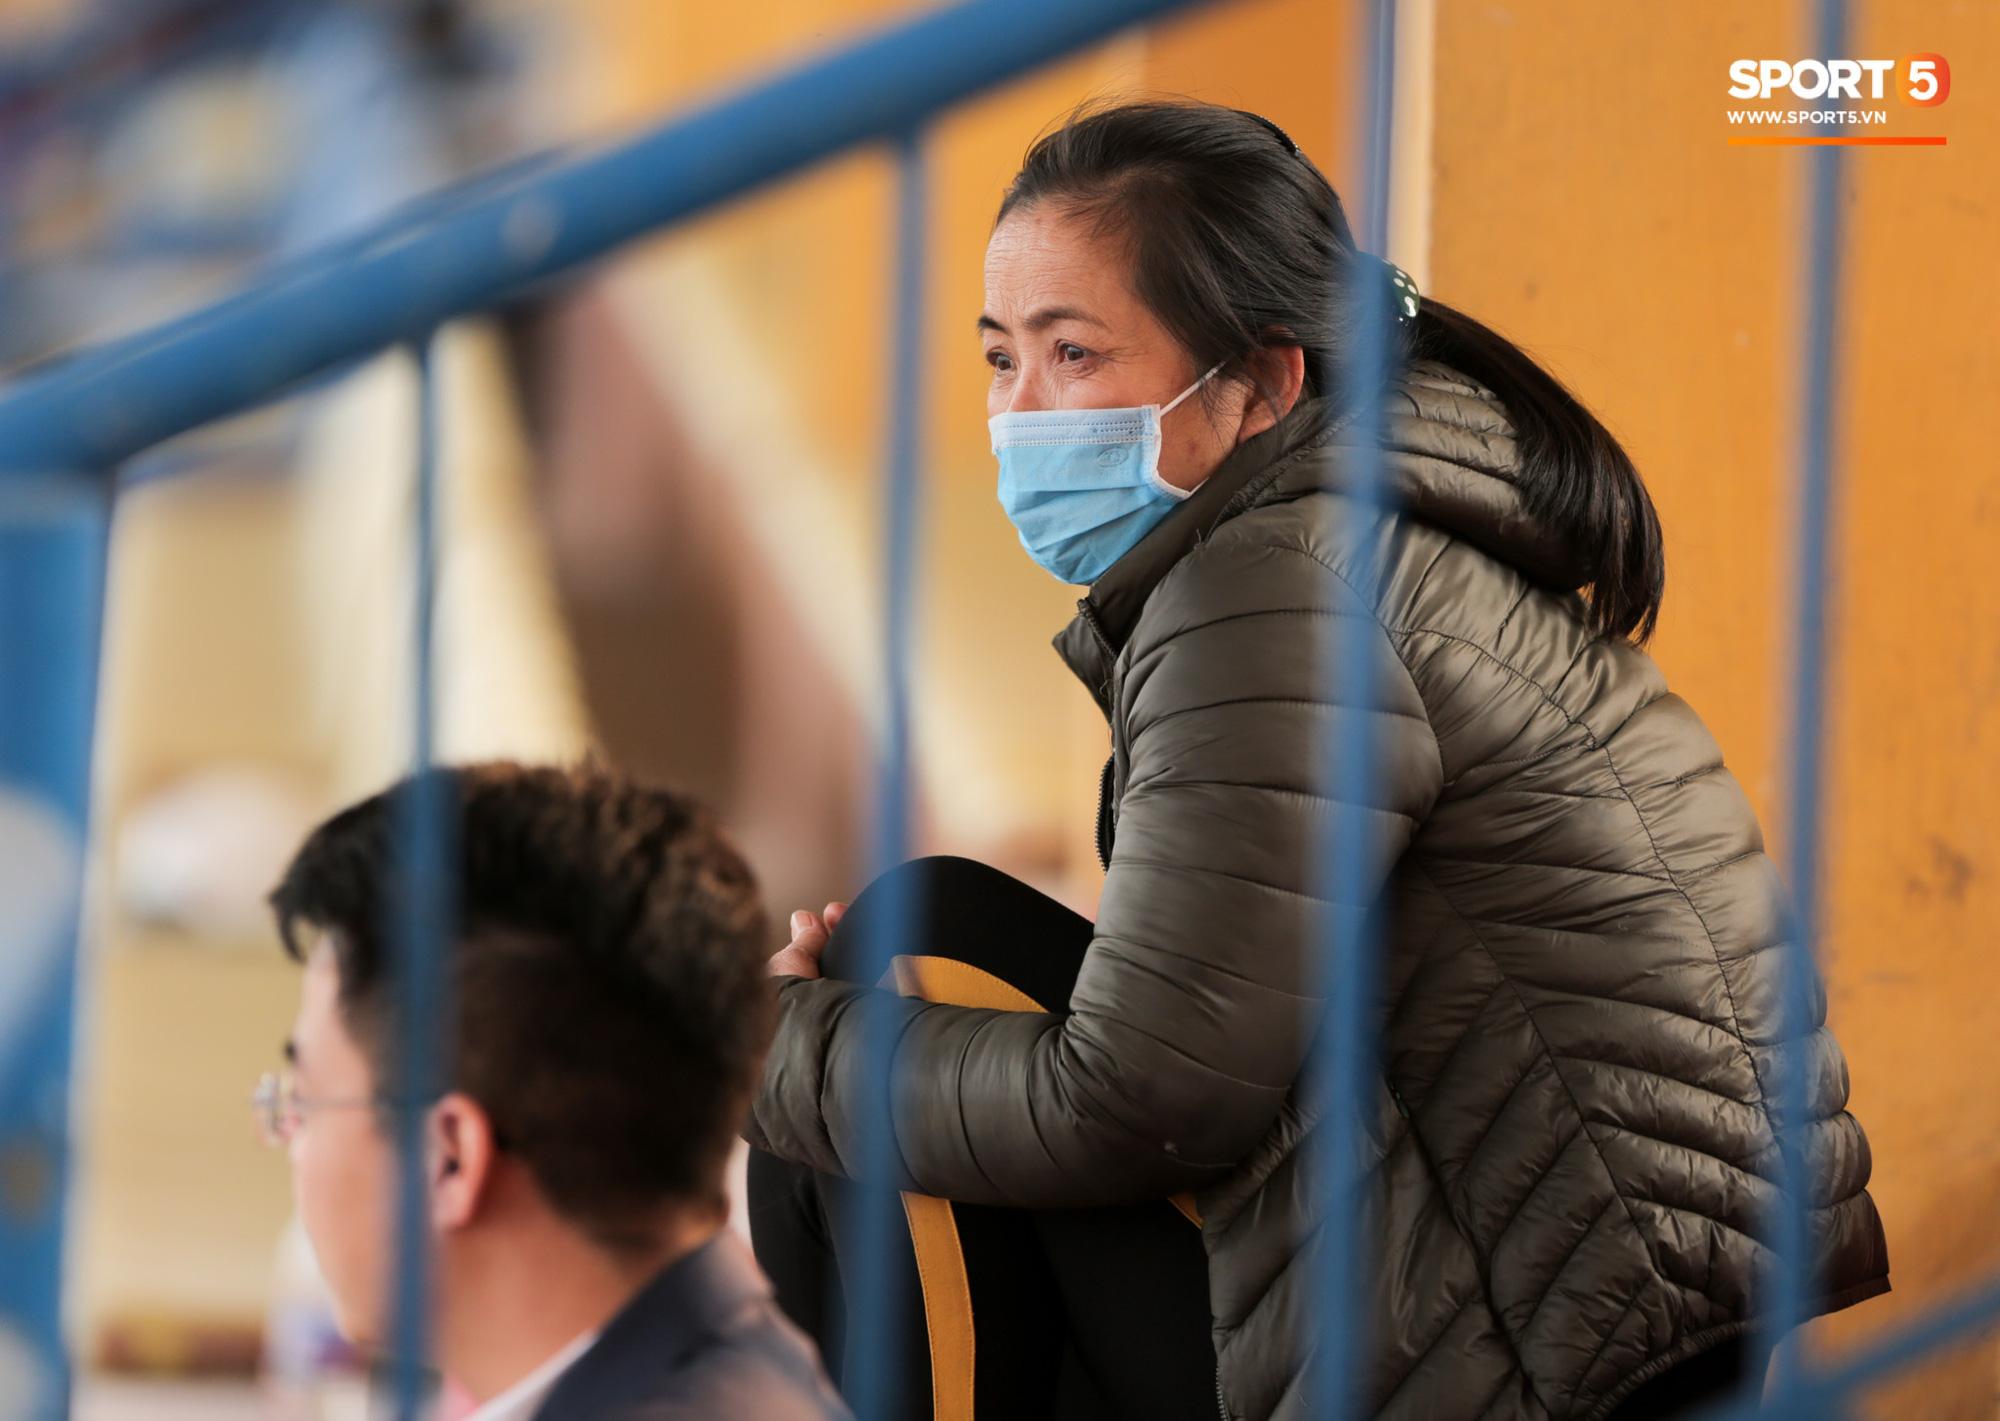 Duy Mạnh may mắn là cầu thủ duy nhất có CĐV trong ngày sân Hàng Đẫy cấm khán giả xem đá giao hữu - Ảnh 3.